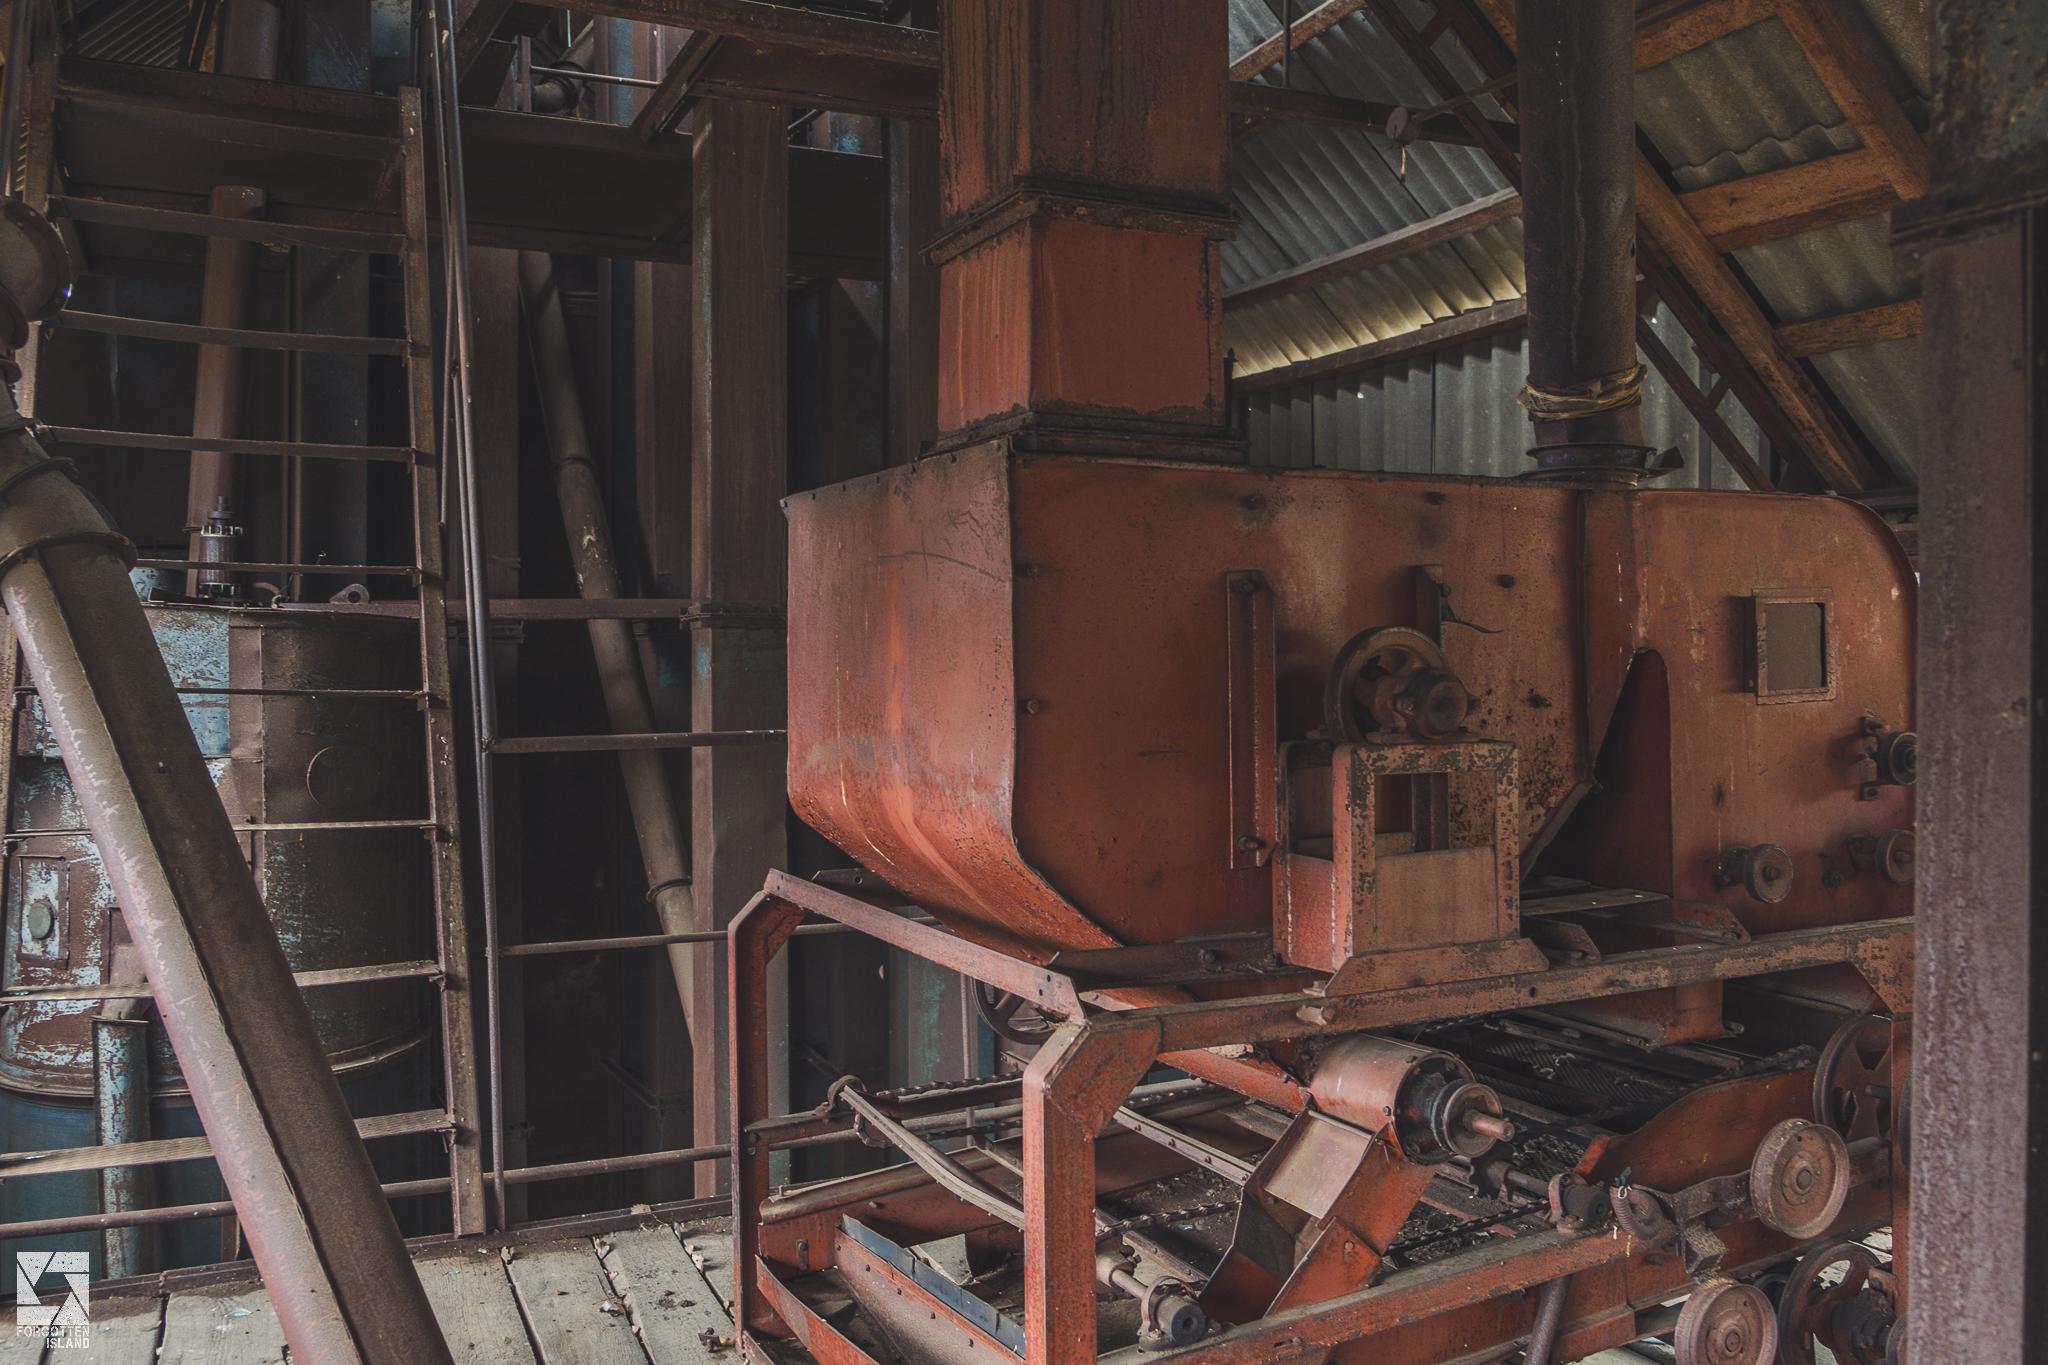 Chernobyl-Zymovyshche-Grain-Elevator-13.